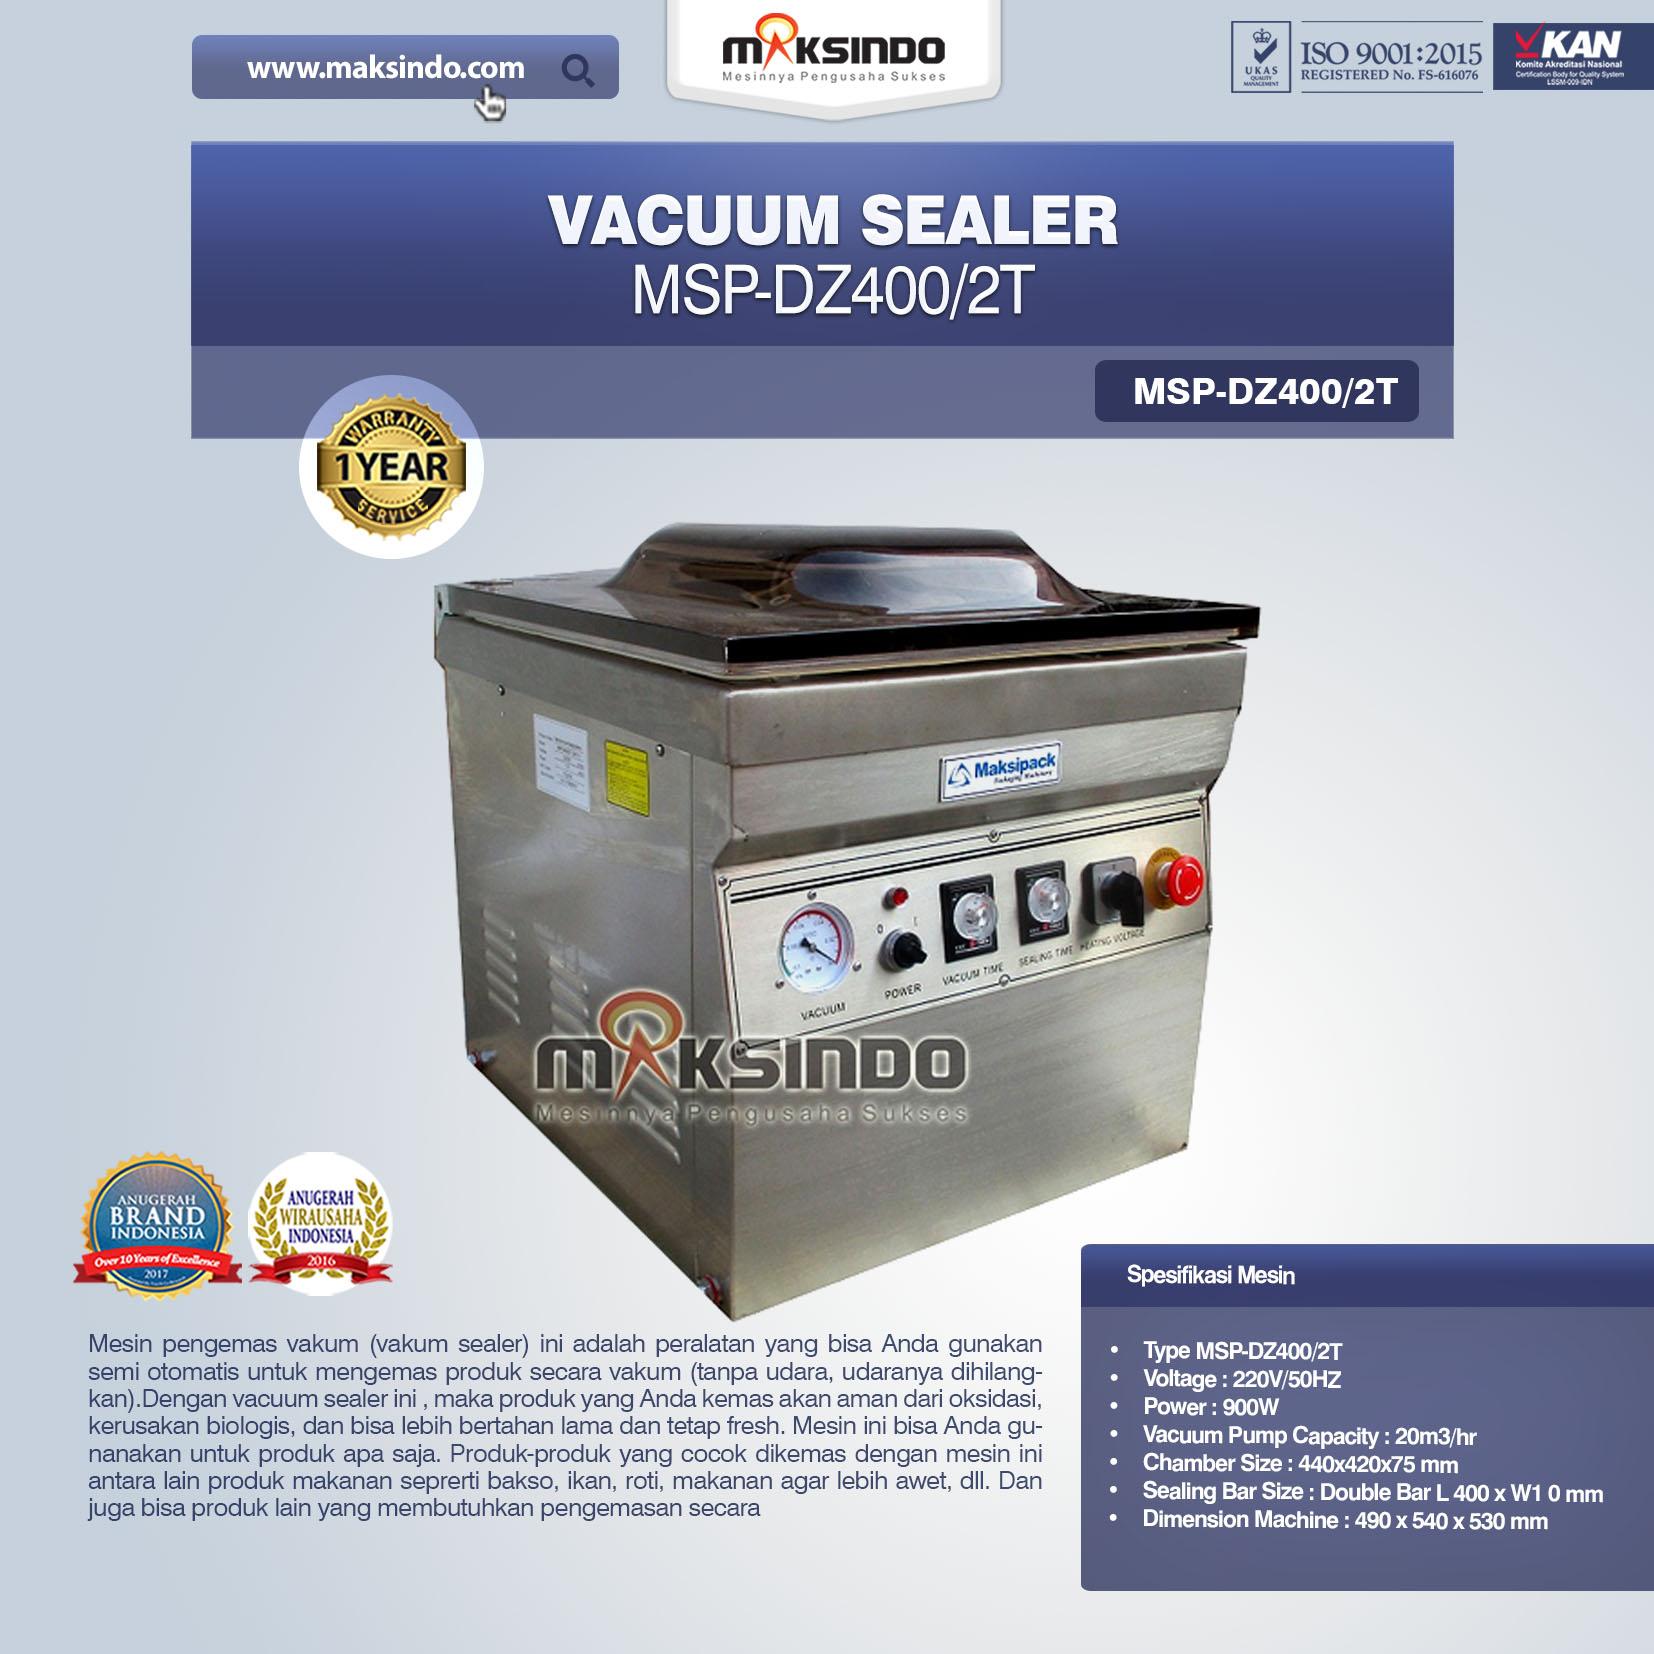 Vacuum Sealer MSP-DZ400 2T